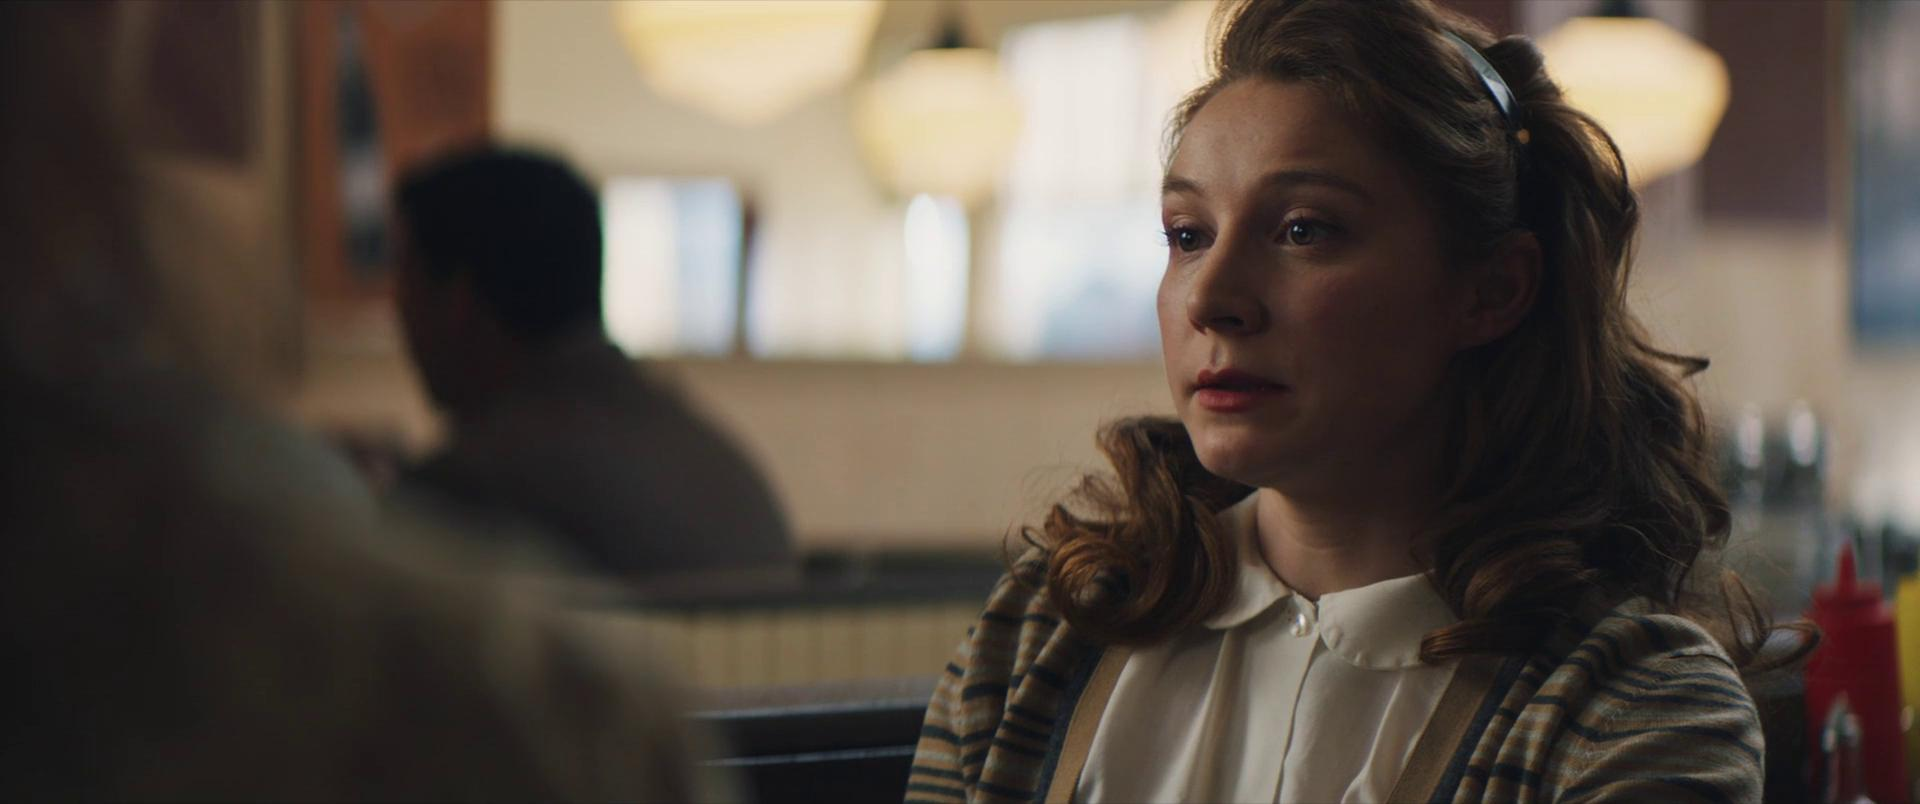 Kayli Carter in Let Him Go (2020)